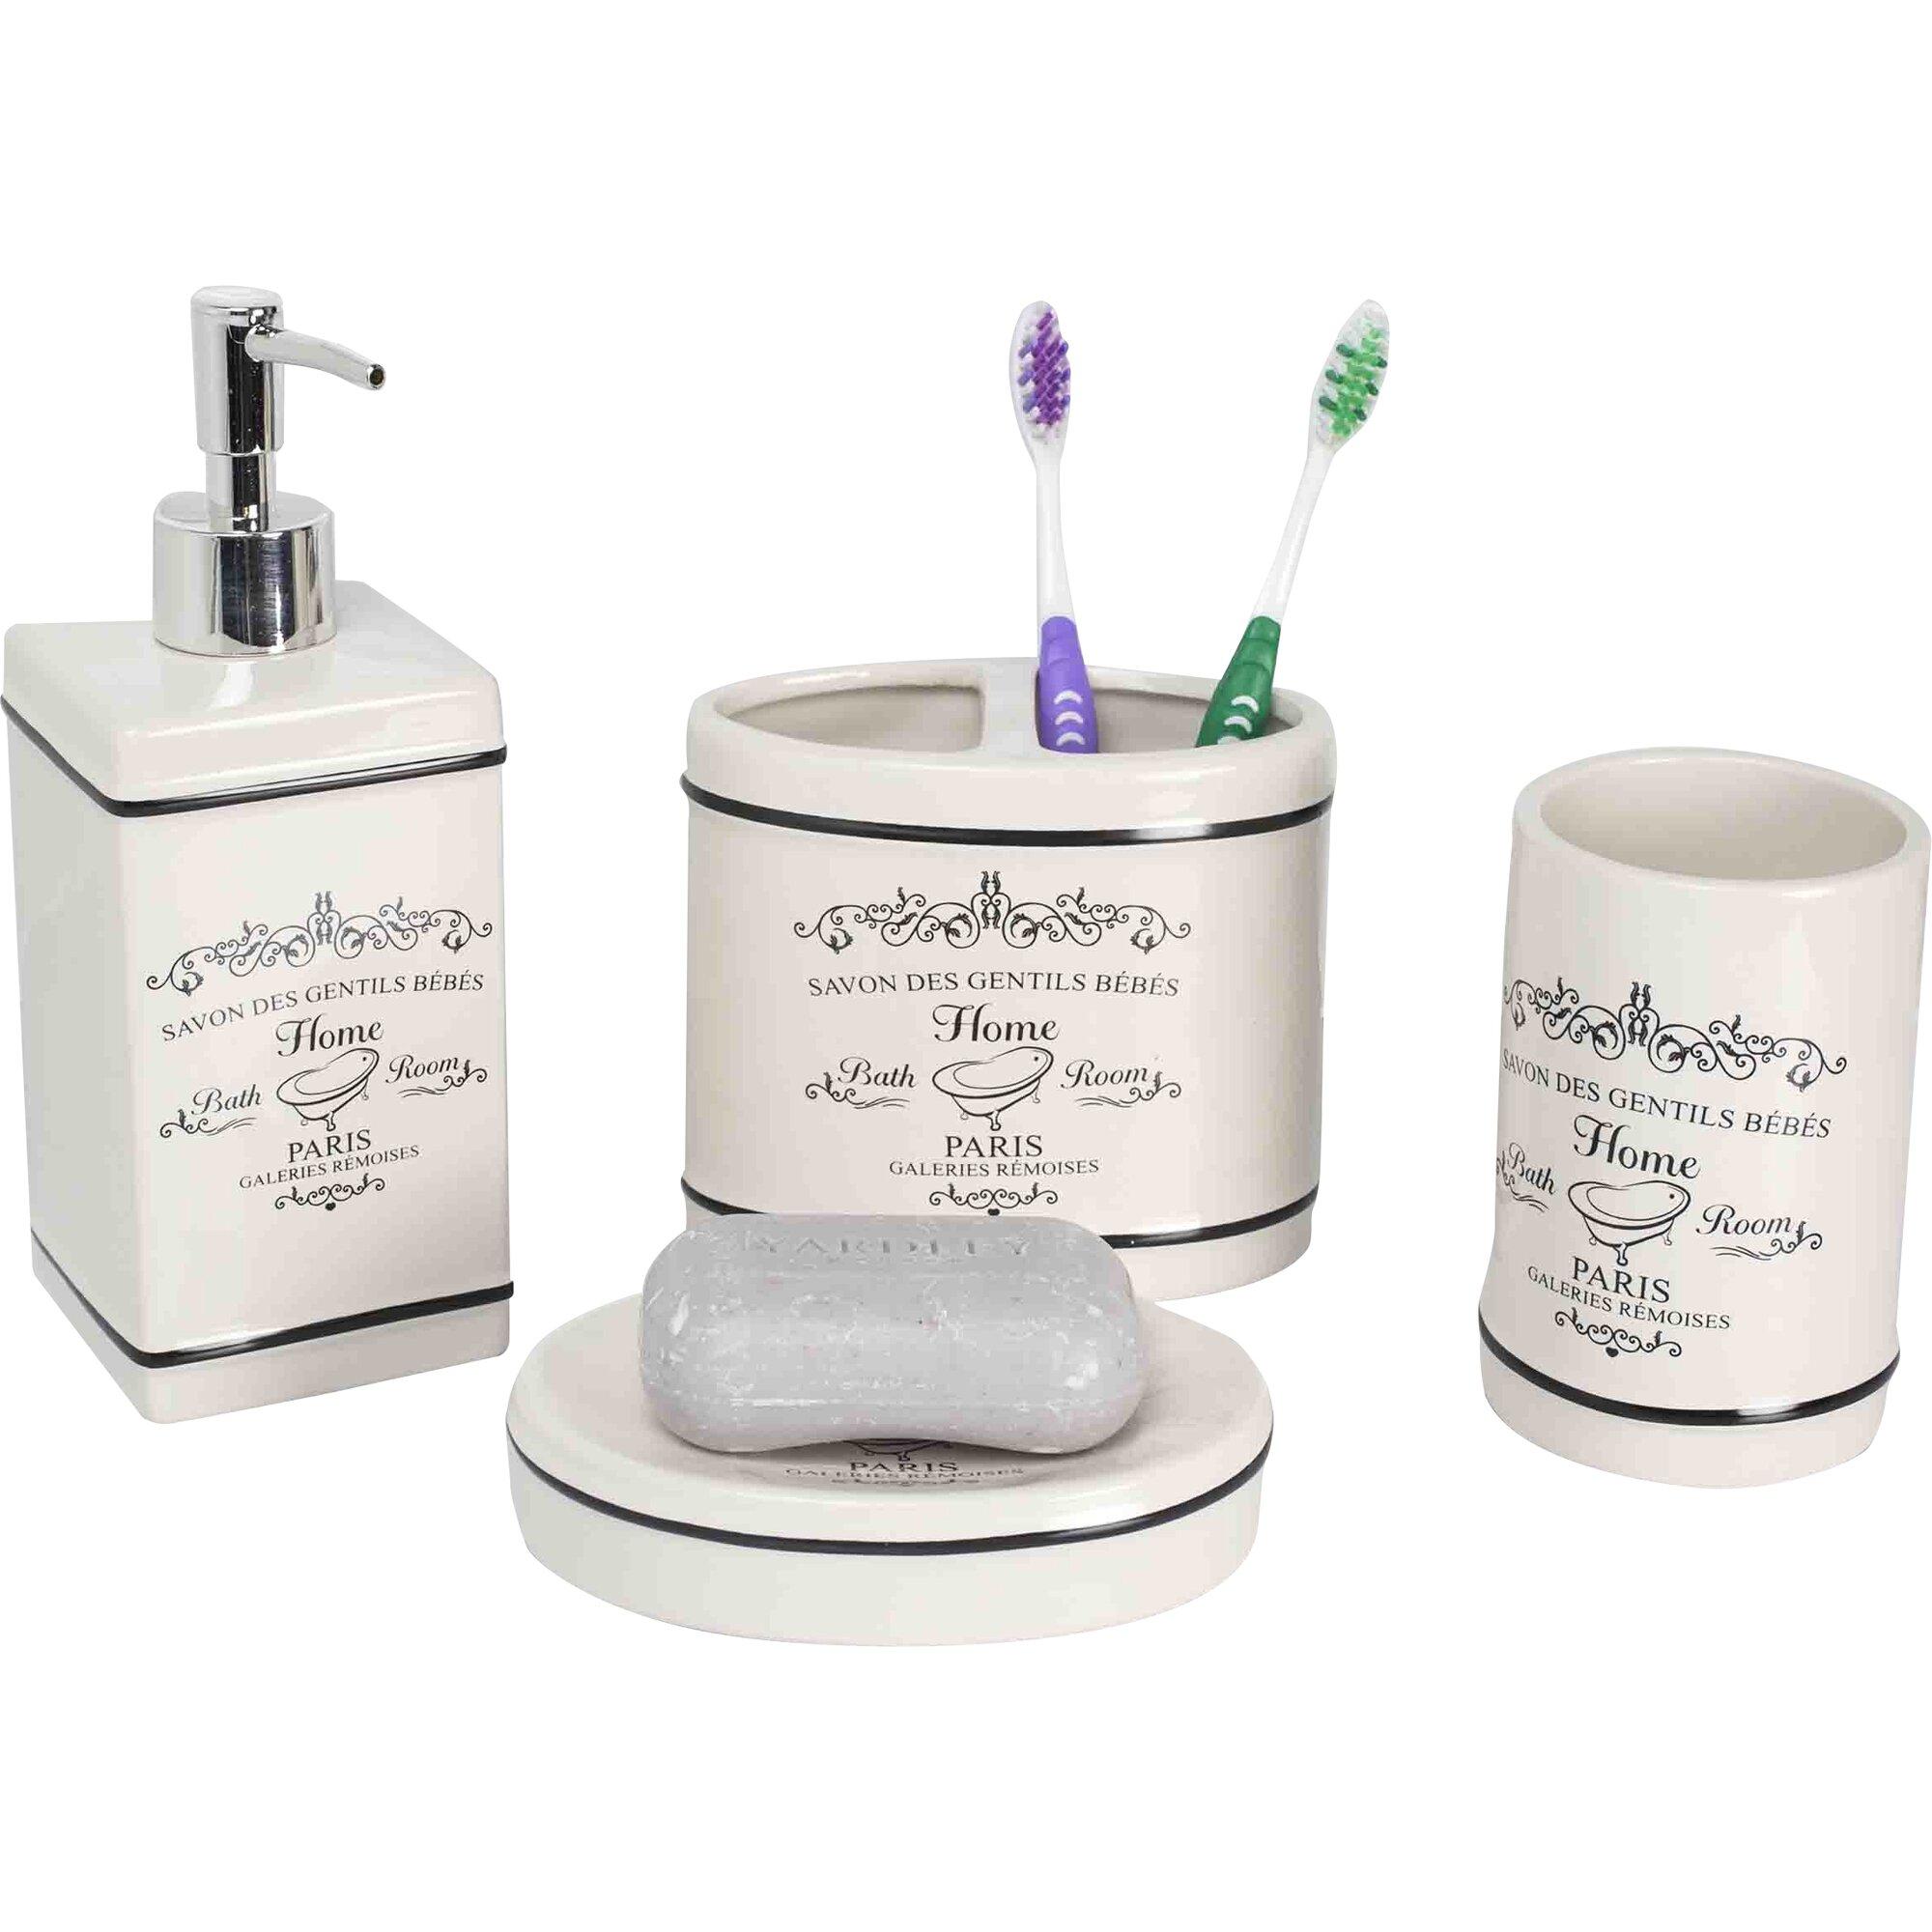 Home basics paris 4 piece bathroom accessory set reviews for Bathroom 4 piece set